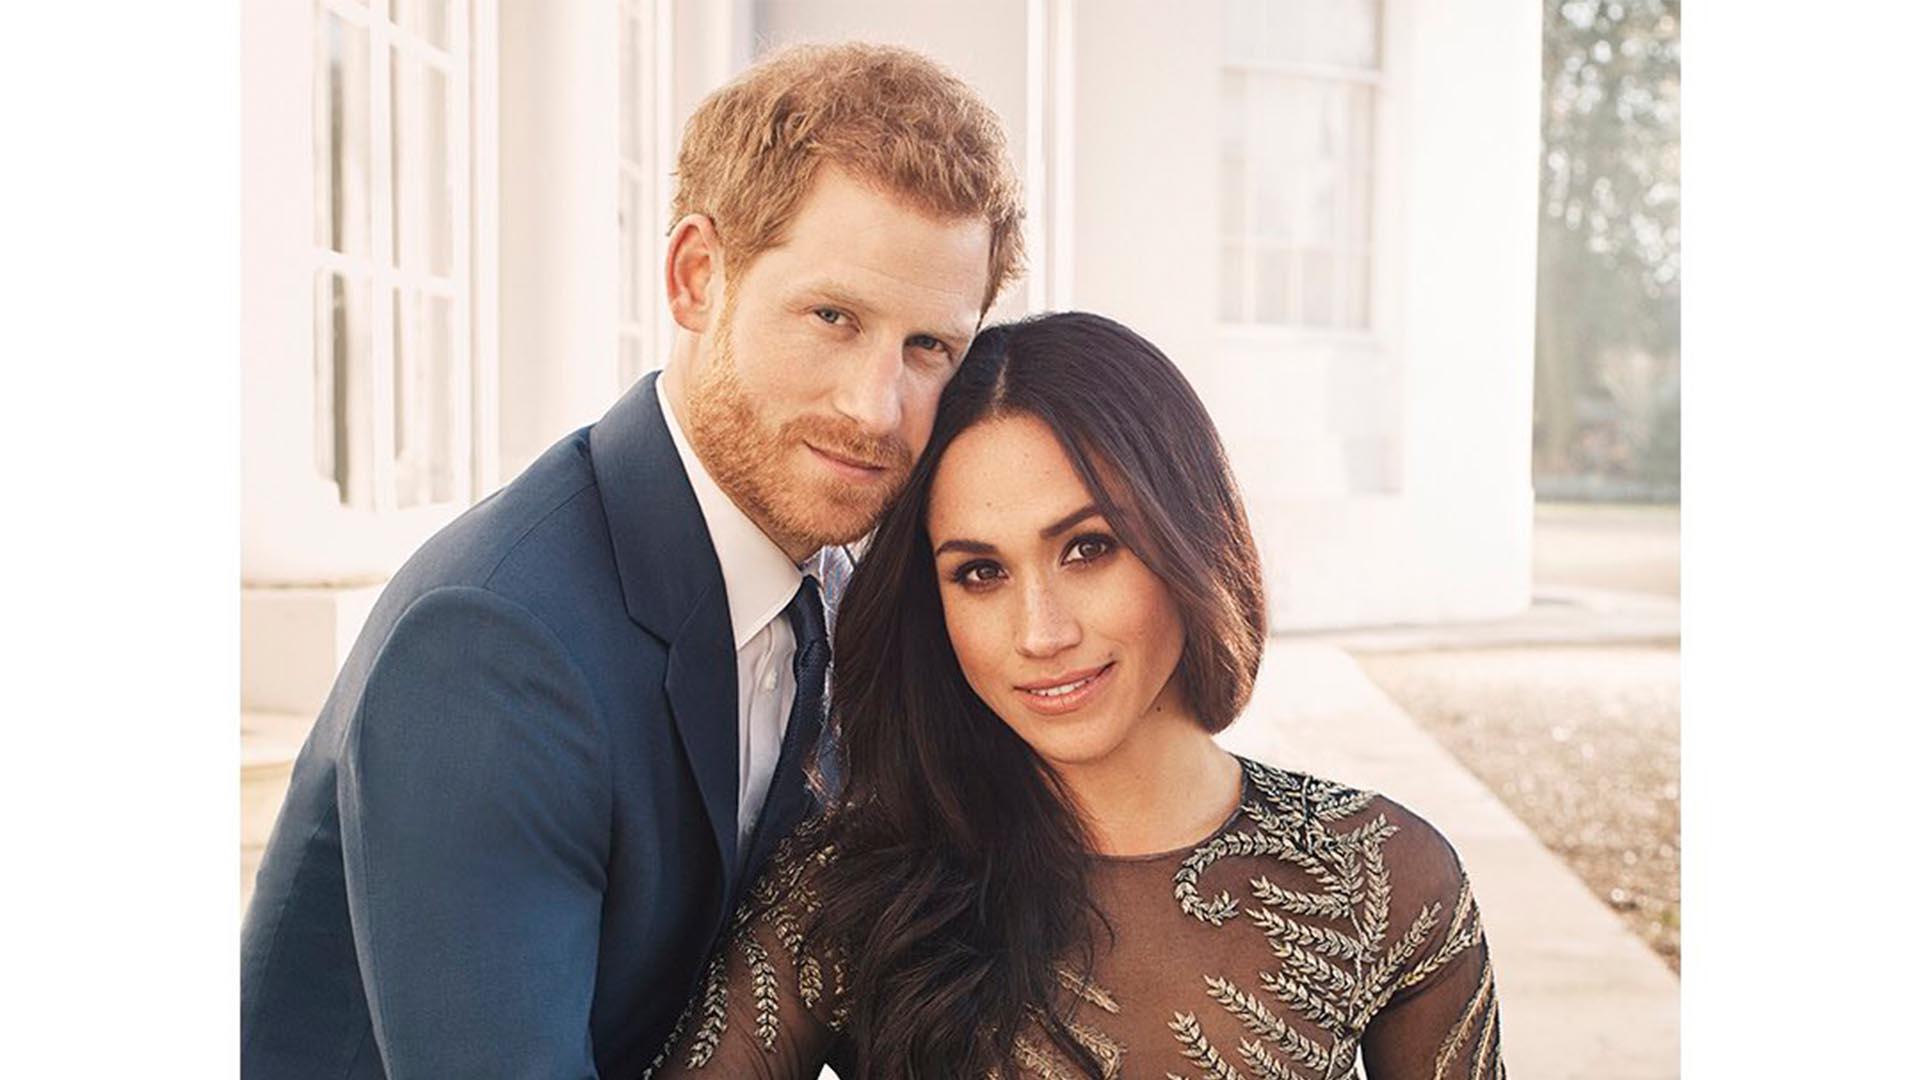 El príncipe Harry y Meghan Markle se casarán en la Capilla St. George (Foto: Alexi Lubomirski)